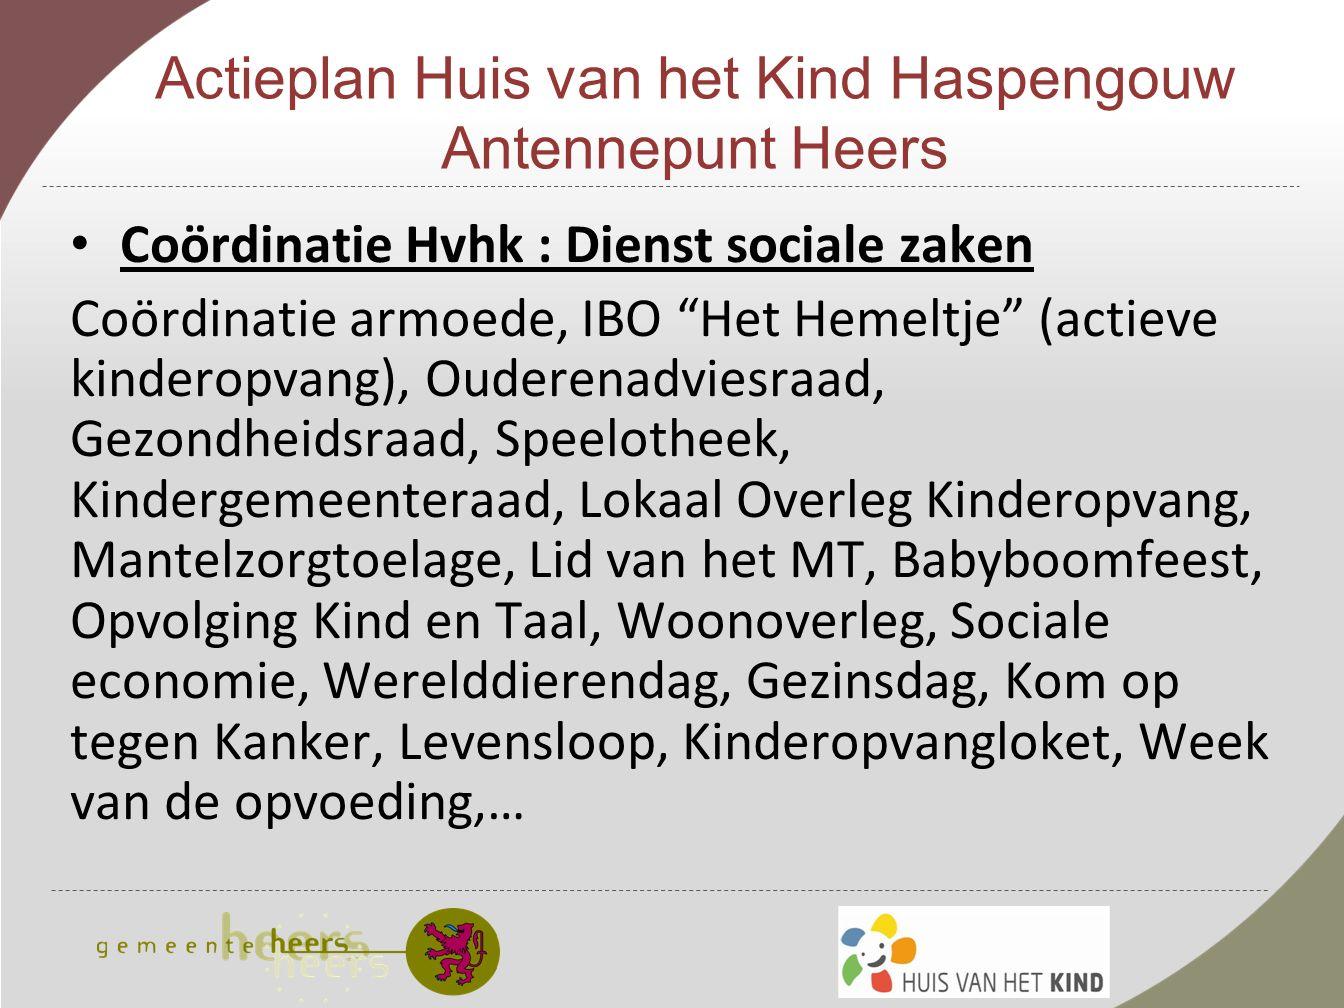 Actieplan Huis van het Kind Haspengouw Antennepunt Heers Uitgangspunt: Heers voert een gezinsvriendelijk hartverwarmend beleid op zoveel mogelijk domeinen.